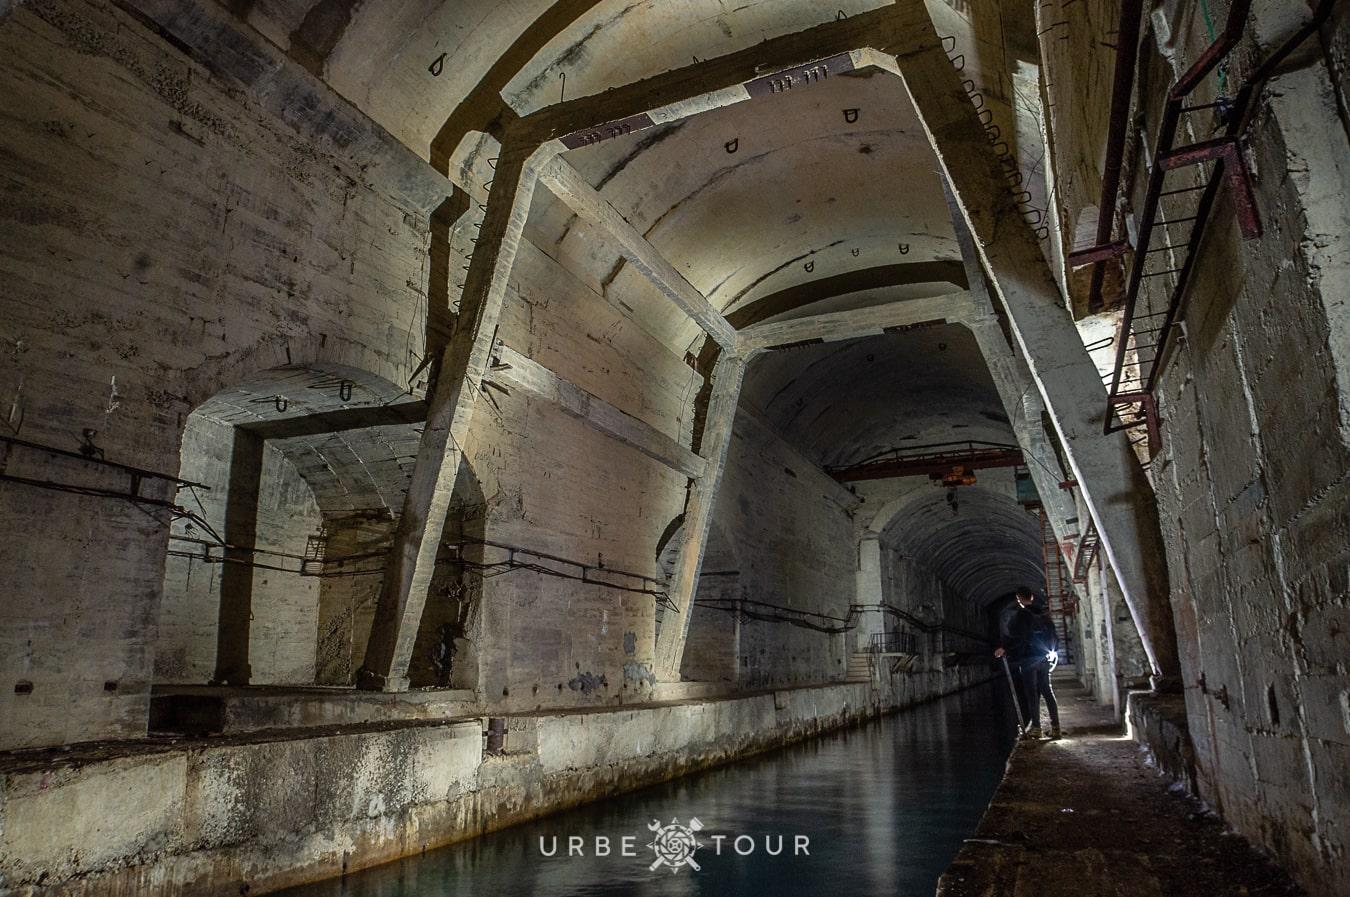 porto-palermo-submarine-base-albania-7-1 Подземная база для подводных лодок в Порто Палермо, Албания